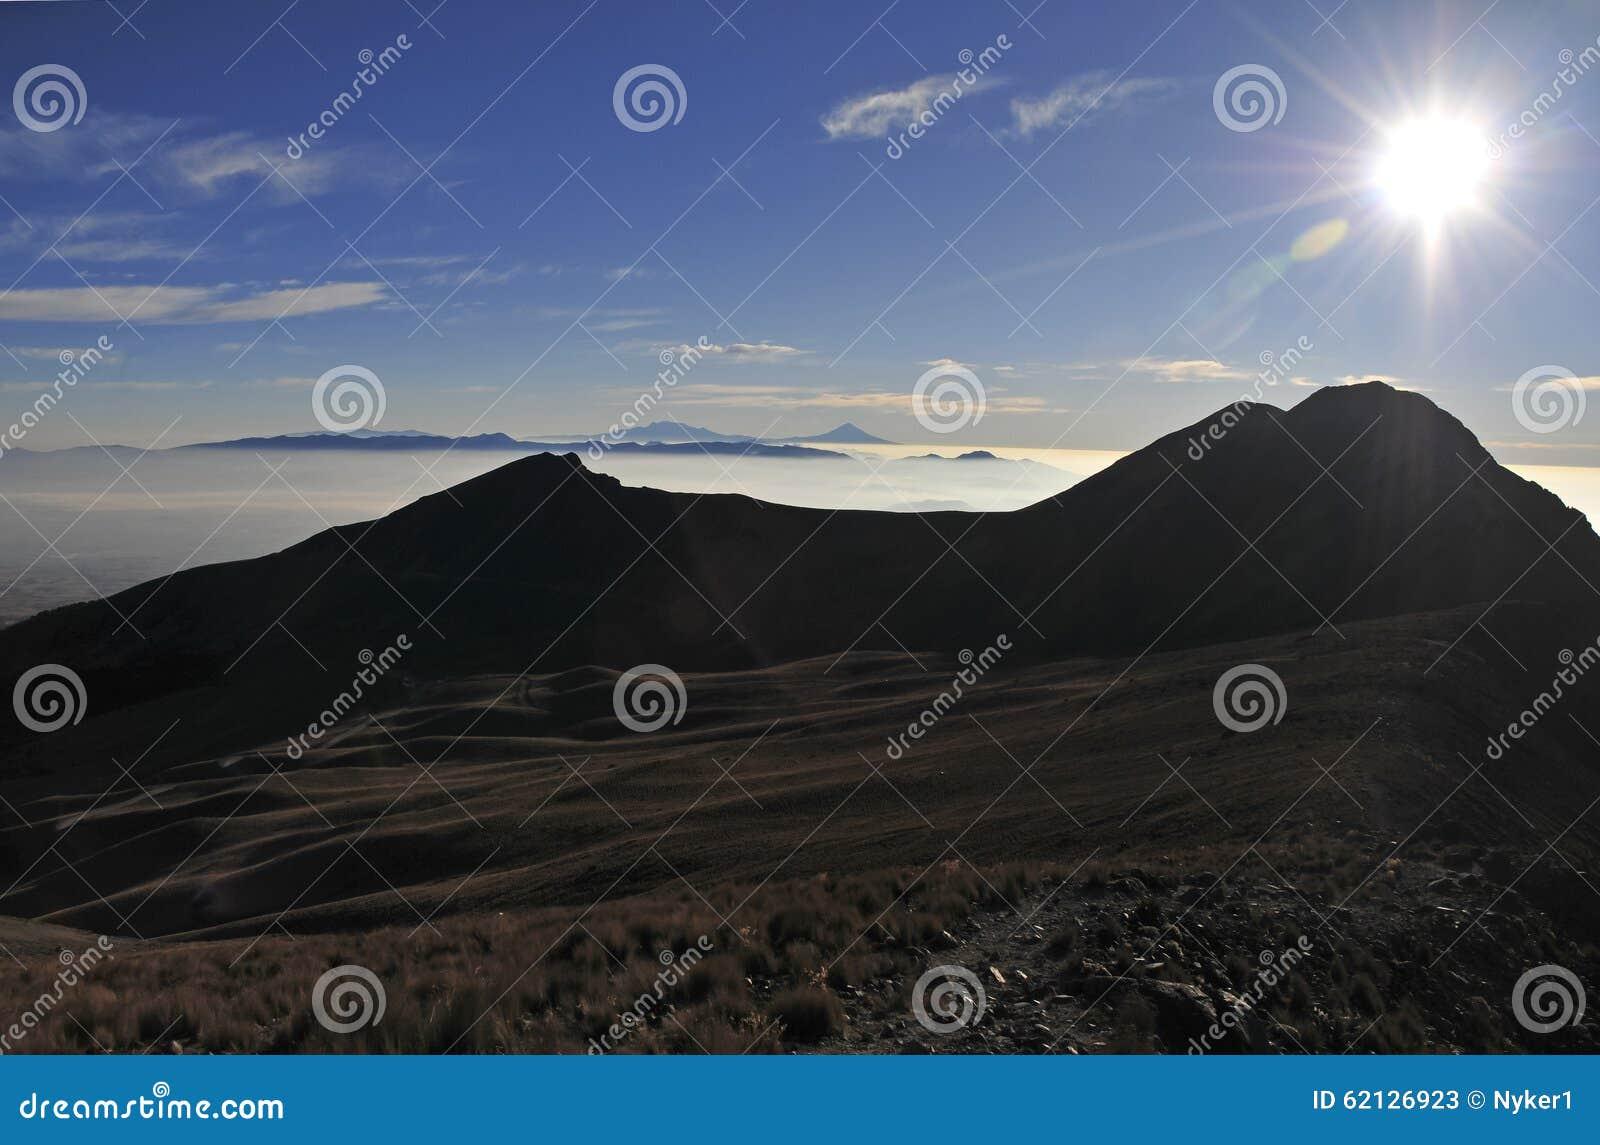 Toppmötesikt från Nevado de Toluca med låga moln i Trans.-mexikan det vulkaniska bältet, Mexico